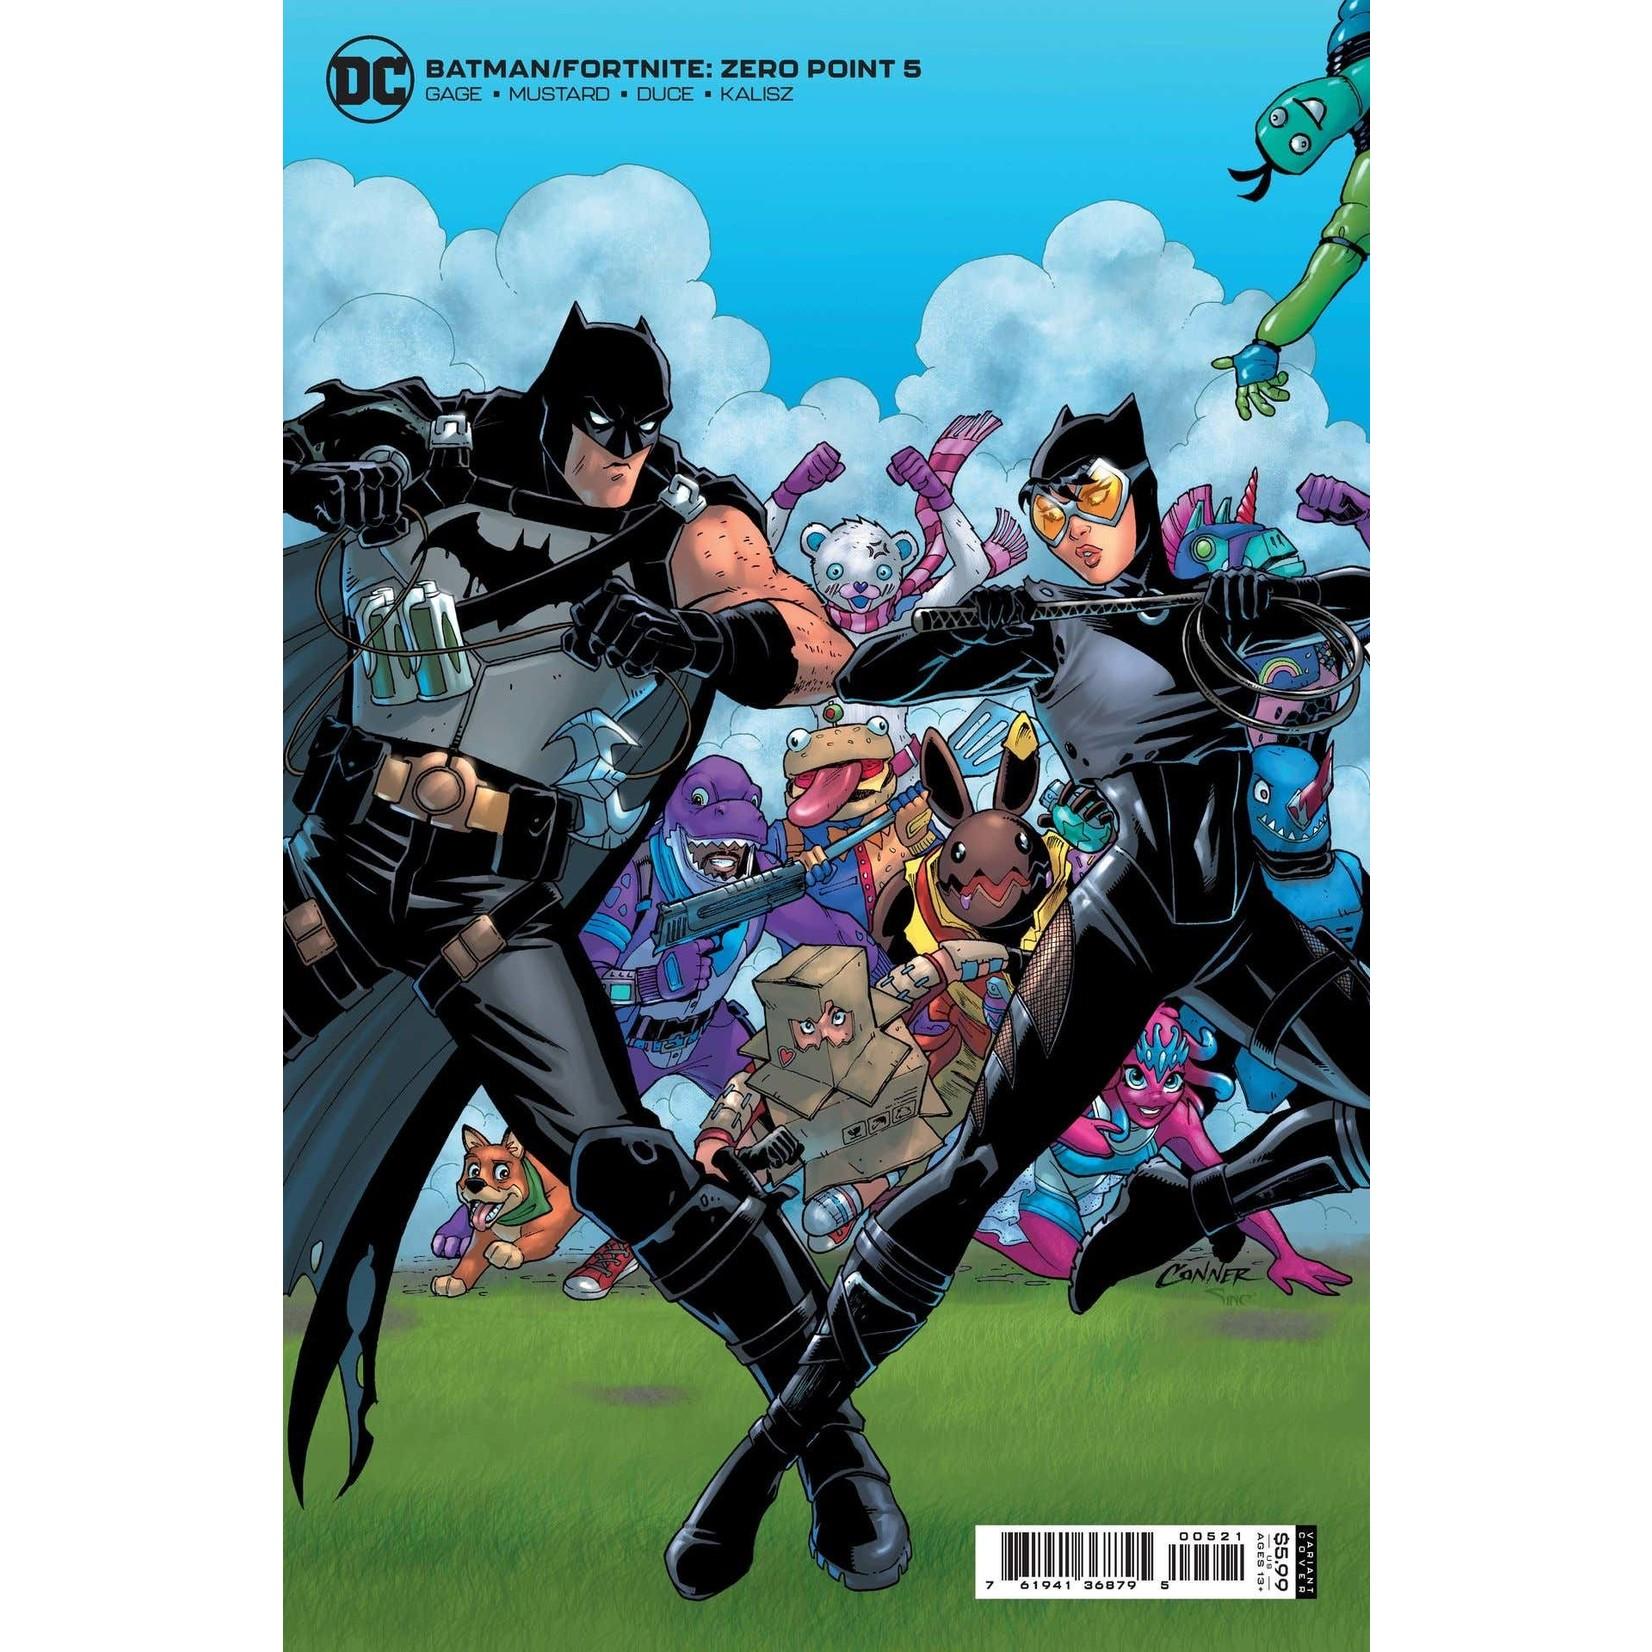 DCU Batman Fortnite Zero Point #5 B